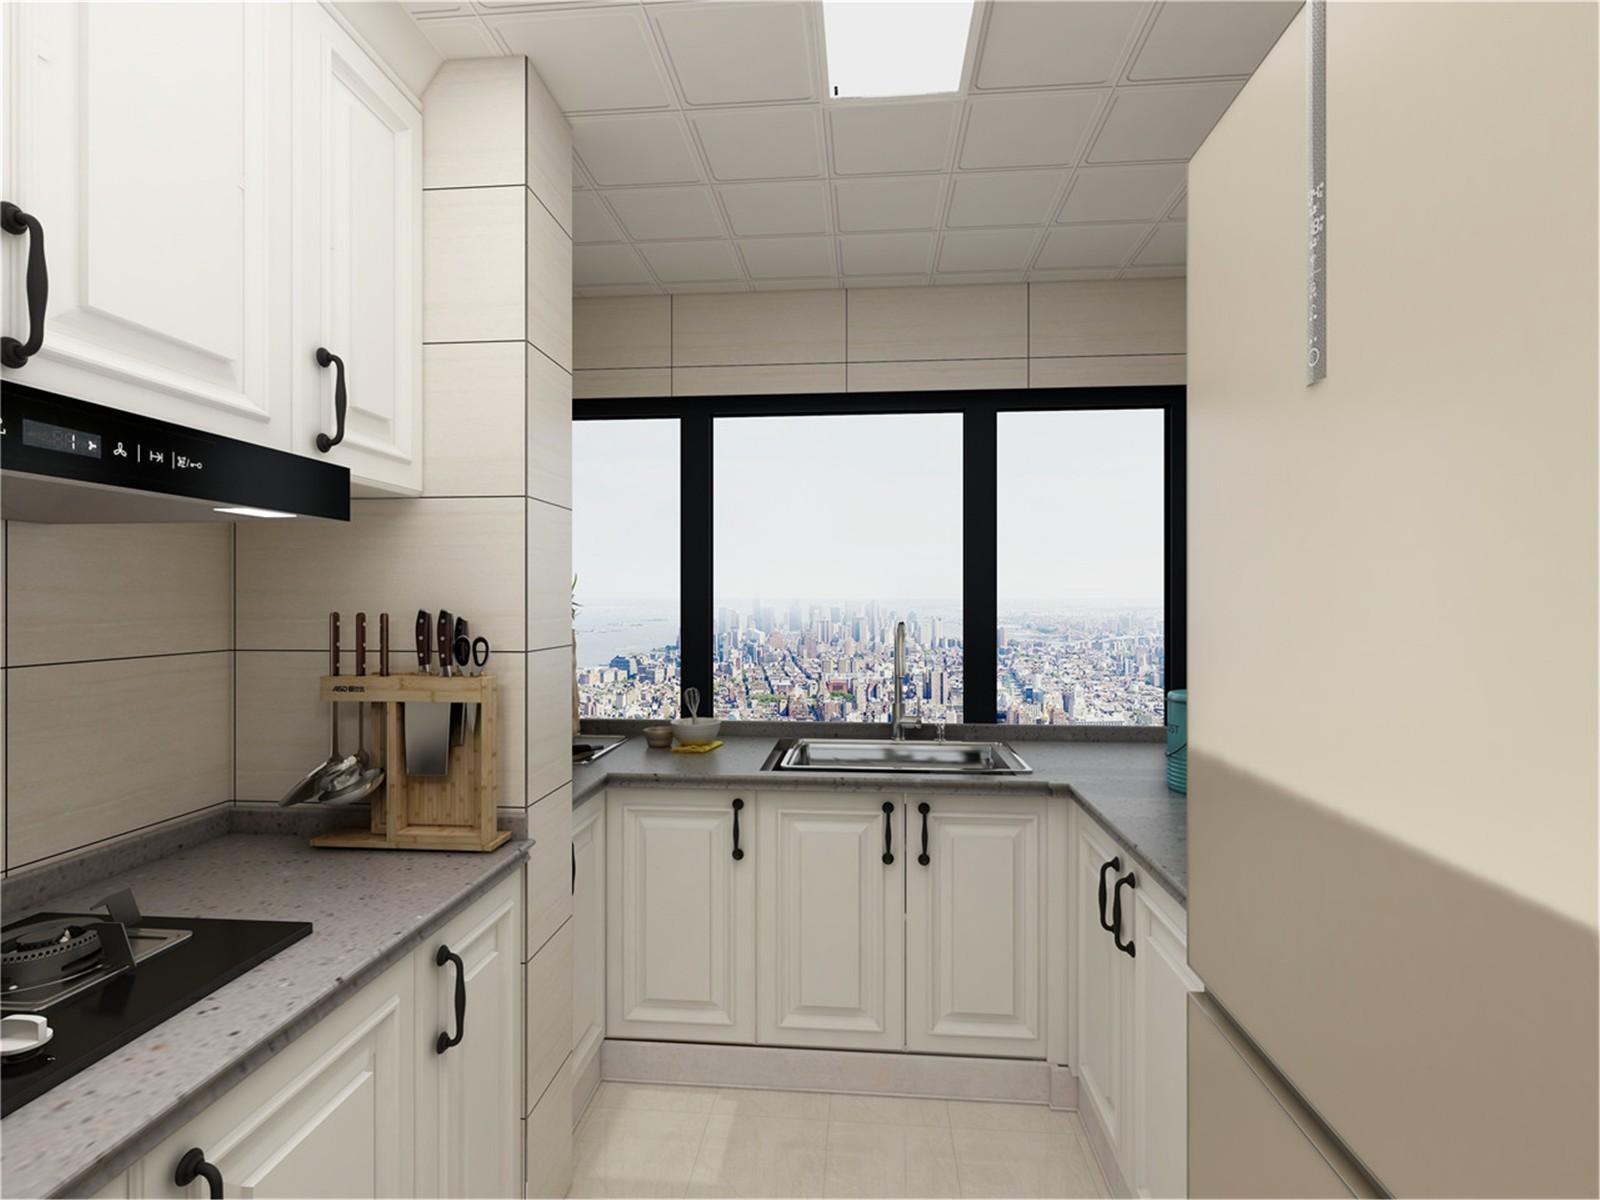 2020经典厨房装修图 2020经典橱柜装修效果图片